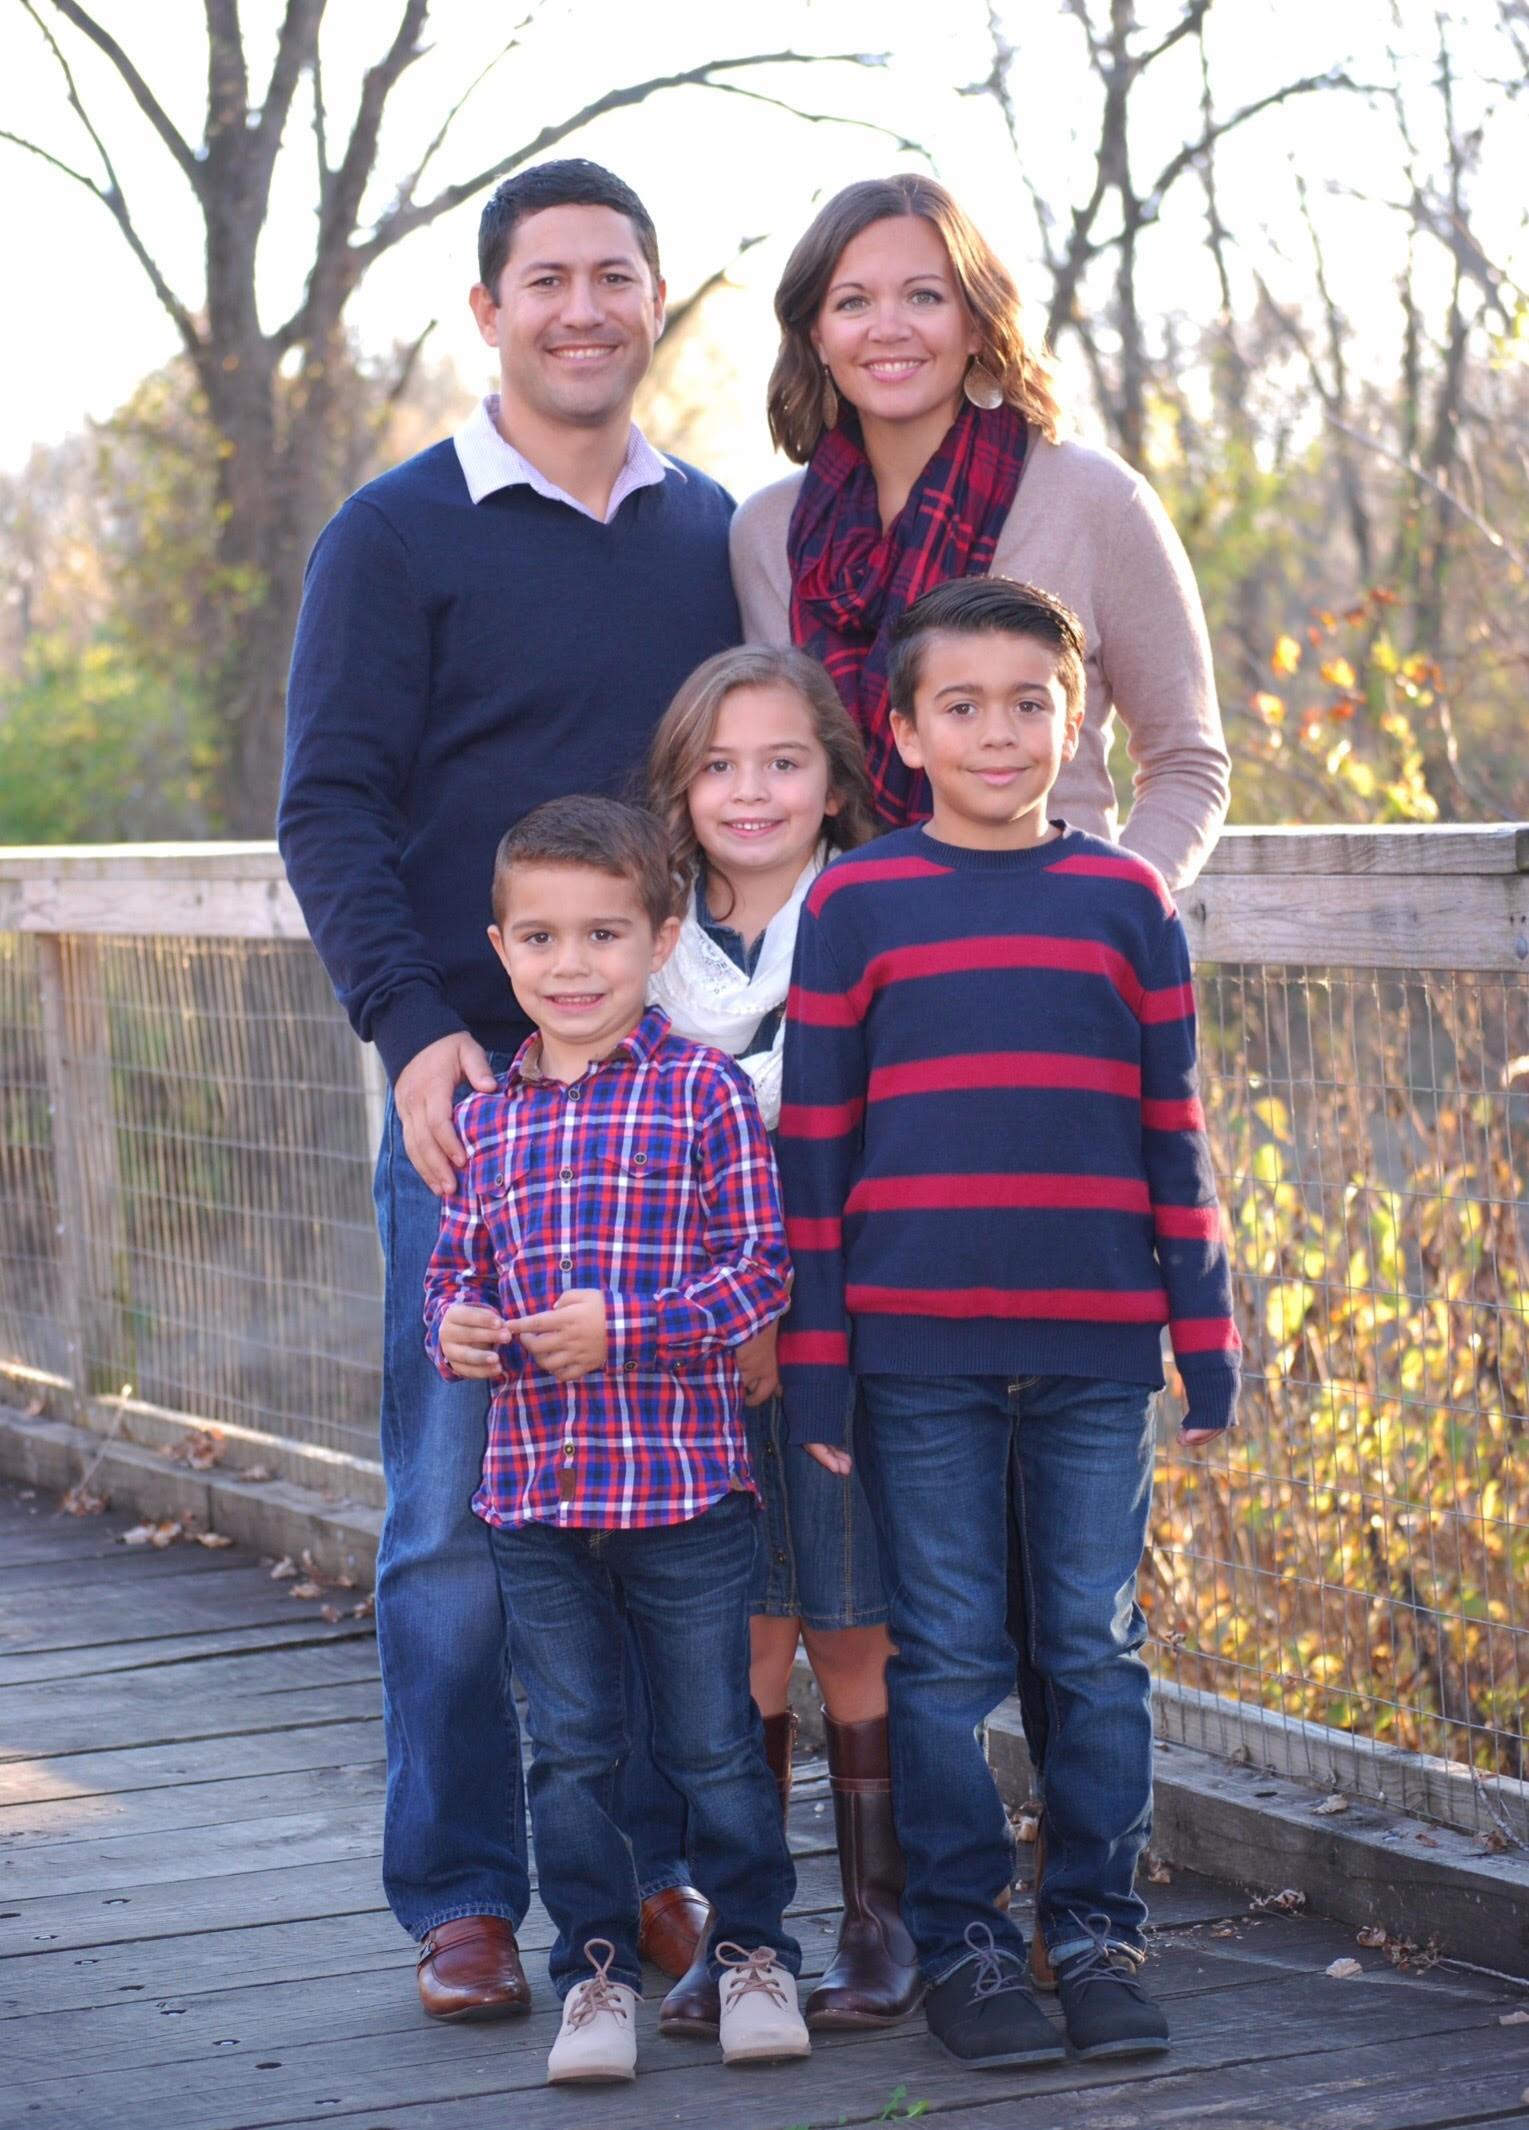 Fall family photo 2016